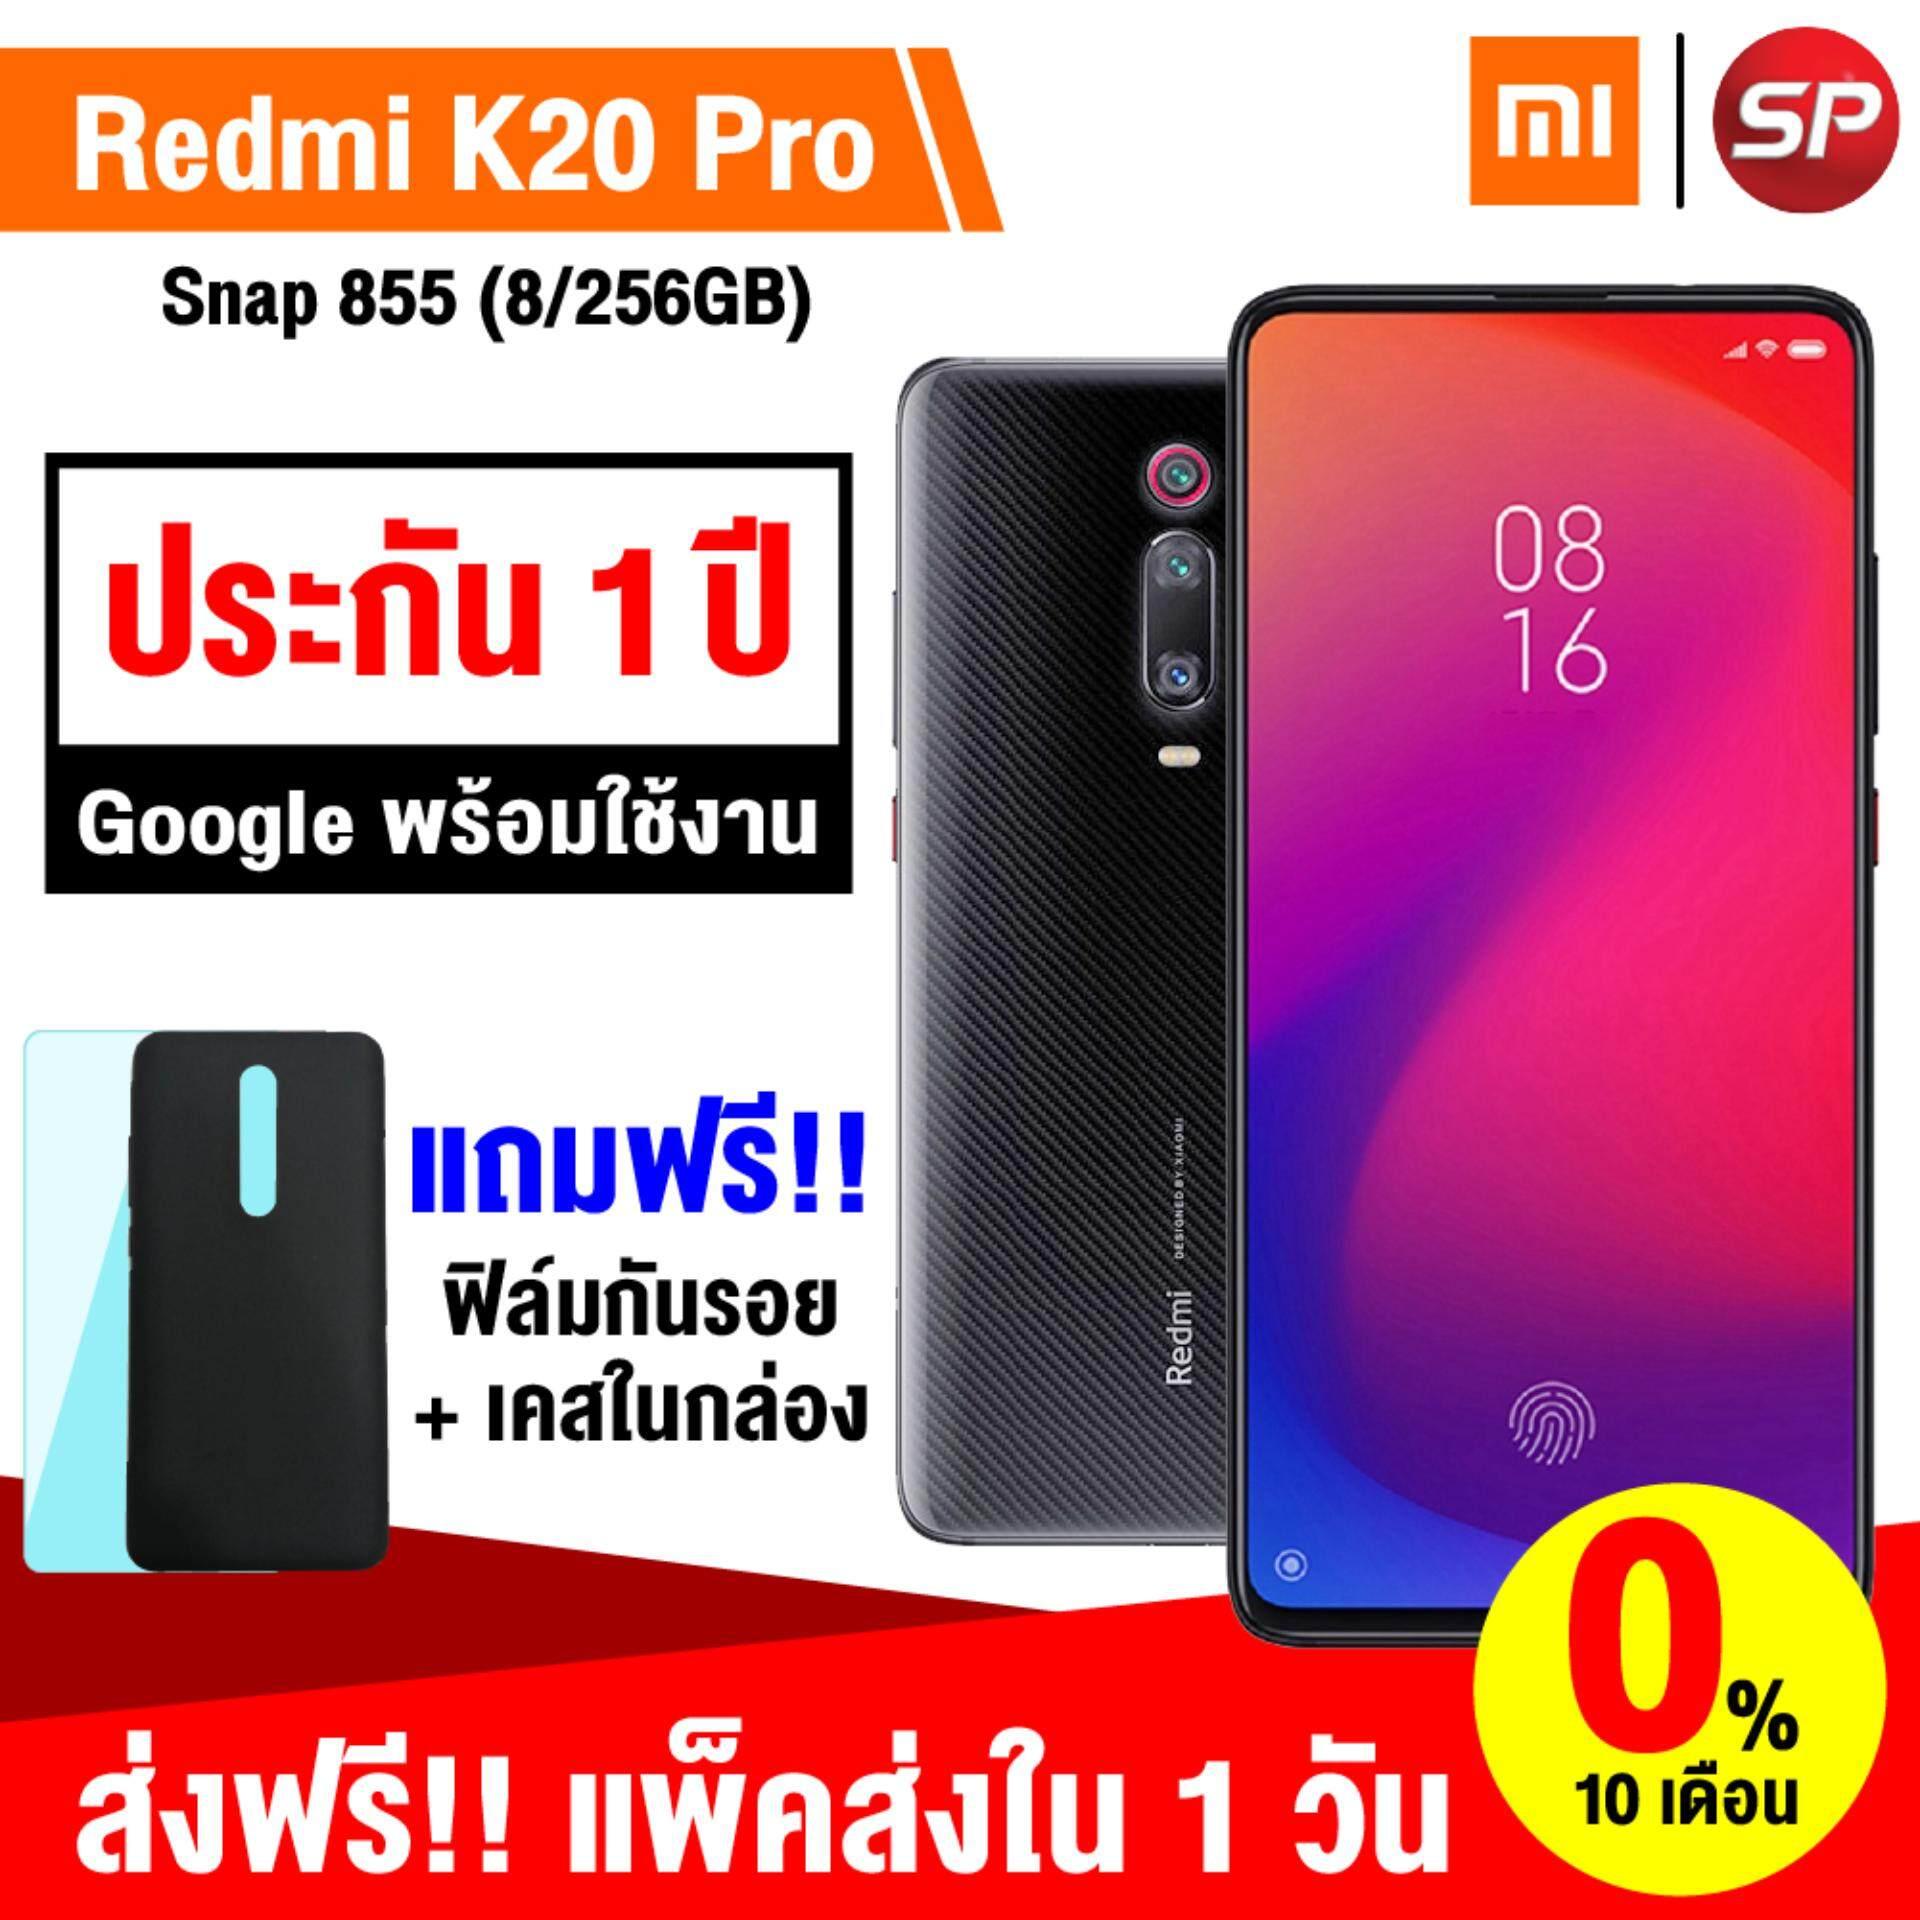 อำนาจเจริญ 【กดติดตามร้านรับส่วนลดเพิ่ม 3%】【สามารถผ่อน 0% 10 เดือน】【แพ็คส่ง 1 วัน】【ส่งฟรี!!】Xiaomi Redmi K20 Pro (8/256GB) + ฟิล์มกันรอย มาพร้อม Premium Black Case 【รับประกันร้าน 1 ปี】 / Thaisuperphone